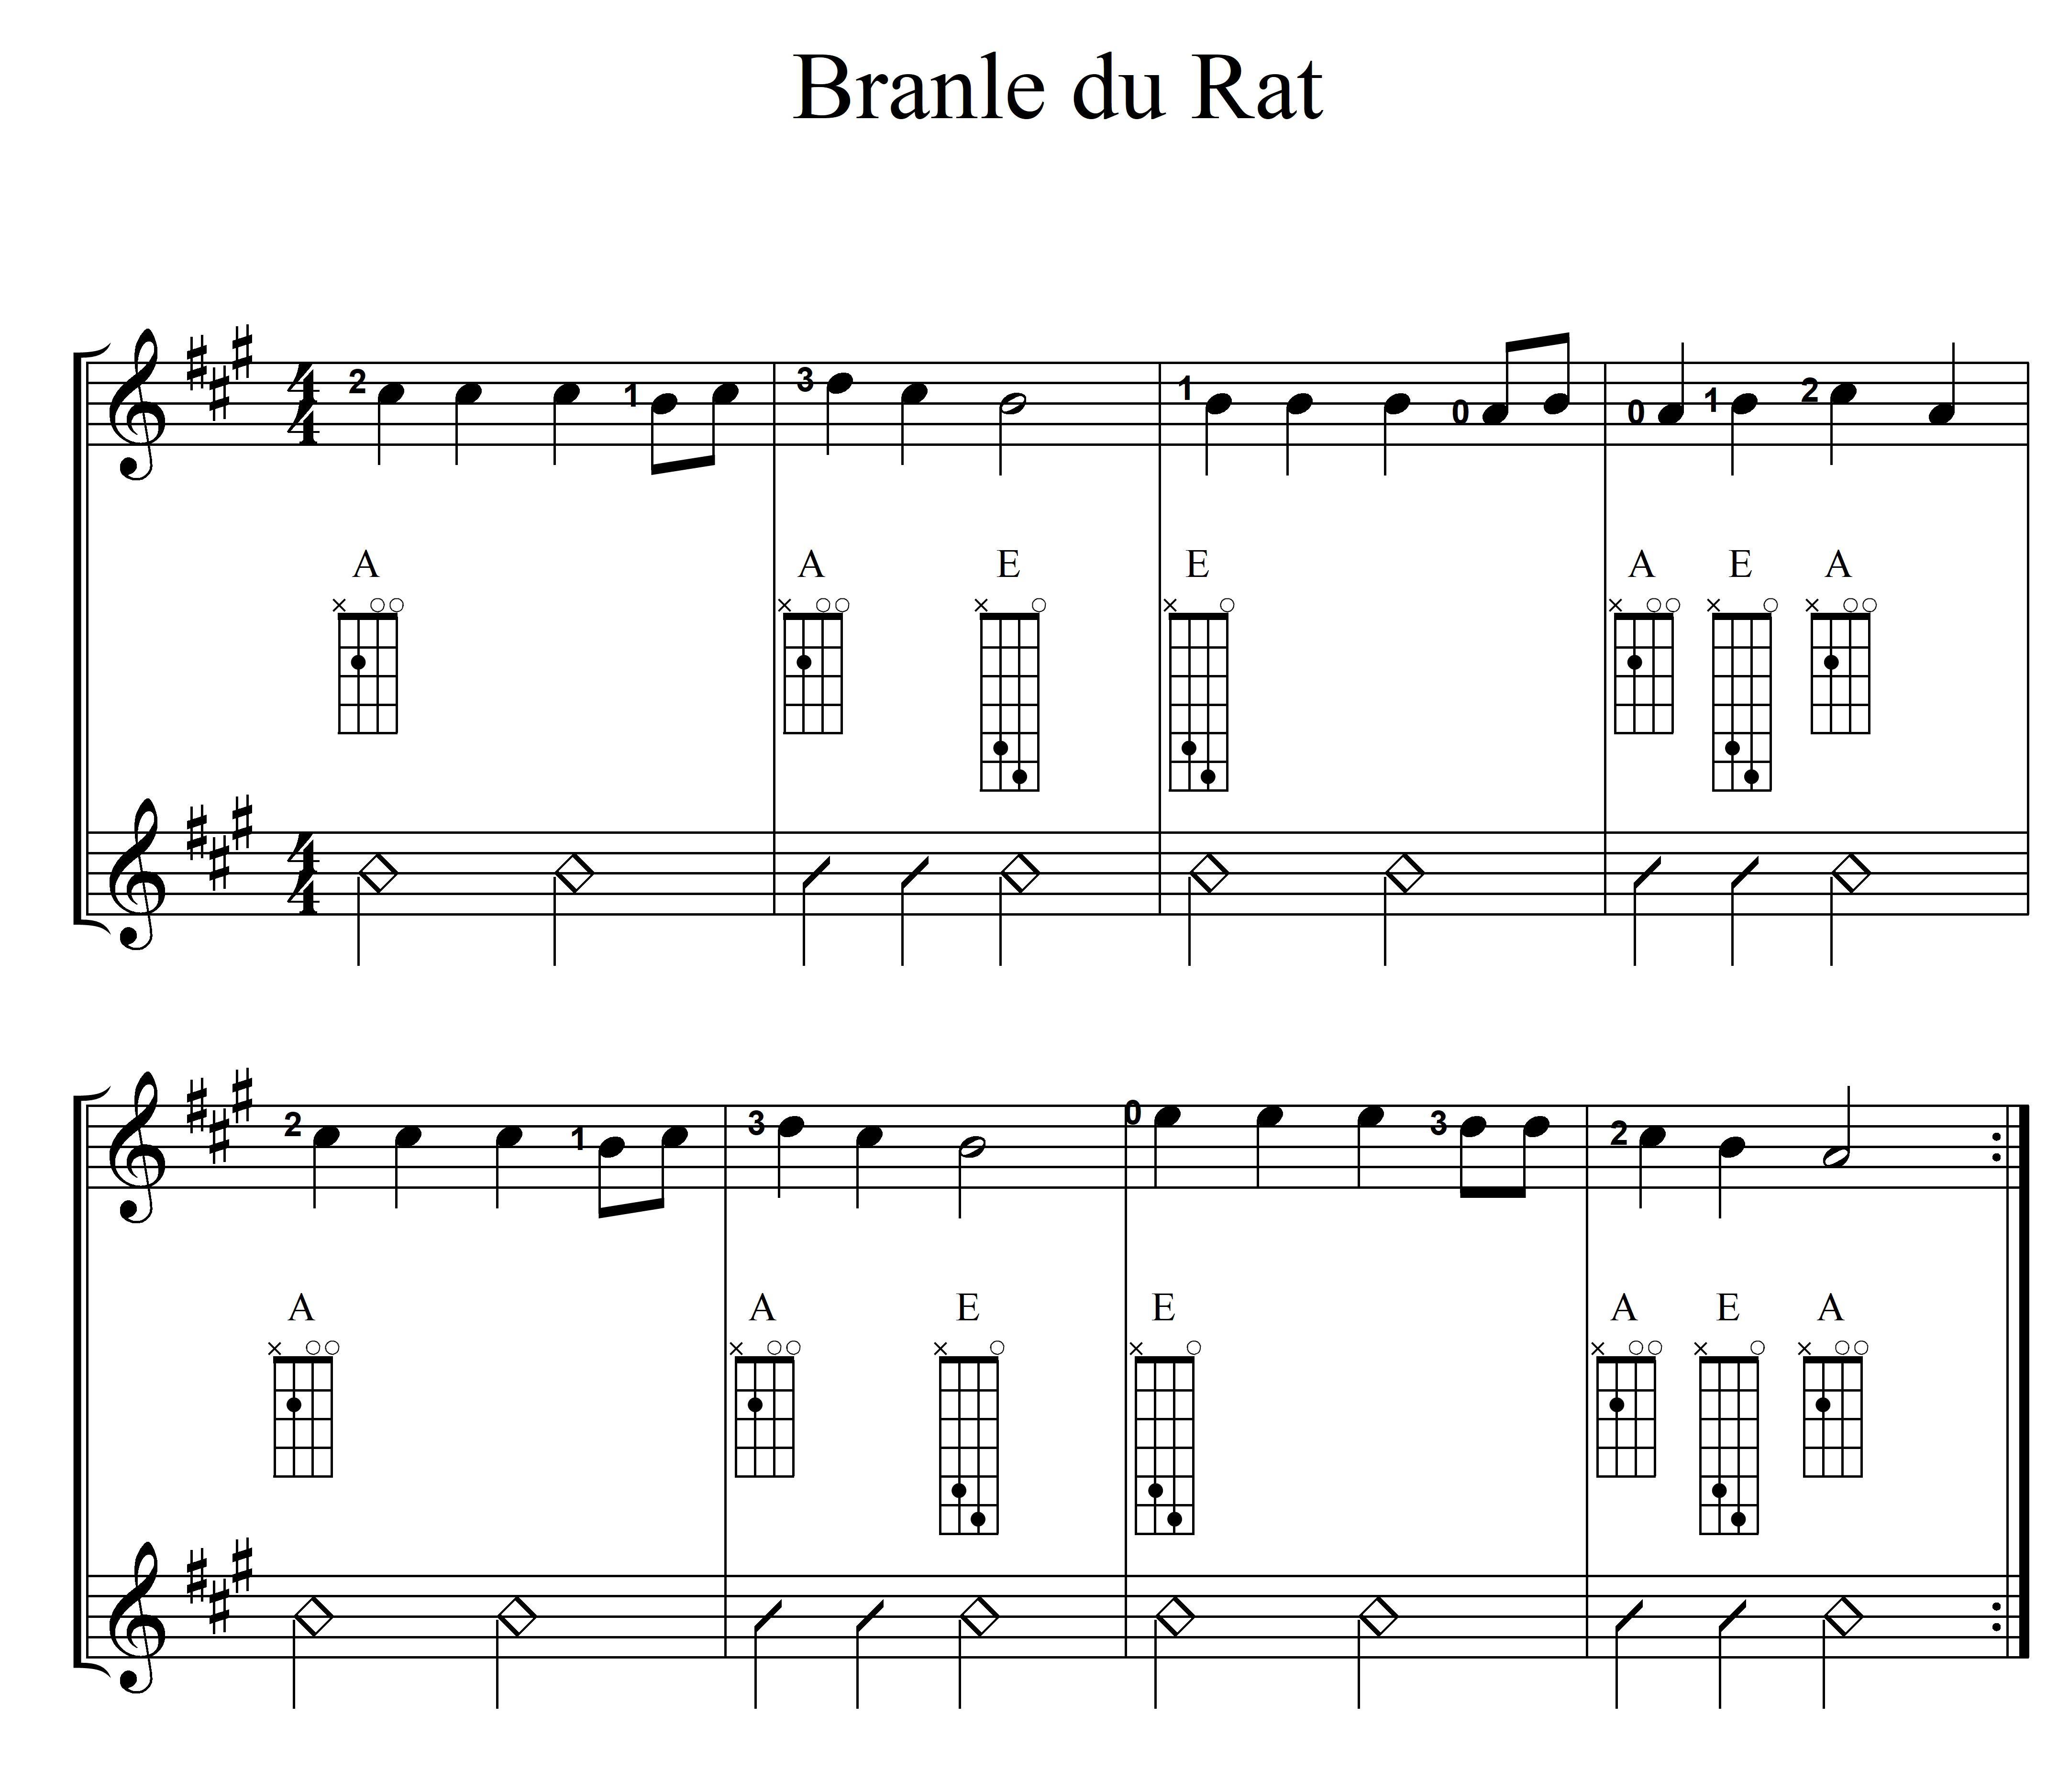 Mandoline lernen - Töne auf der A-Saite - Branle du Rat